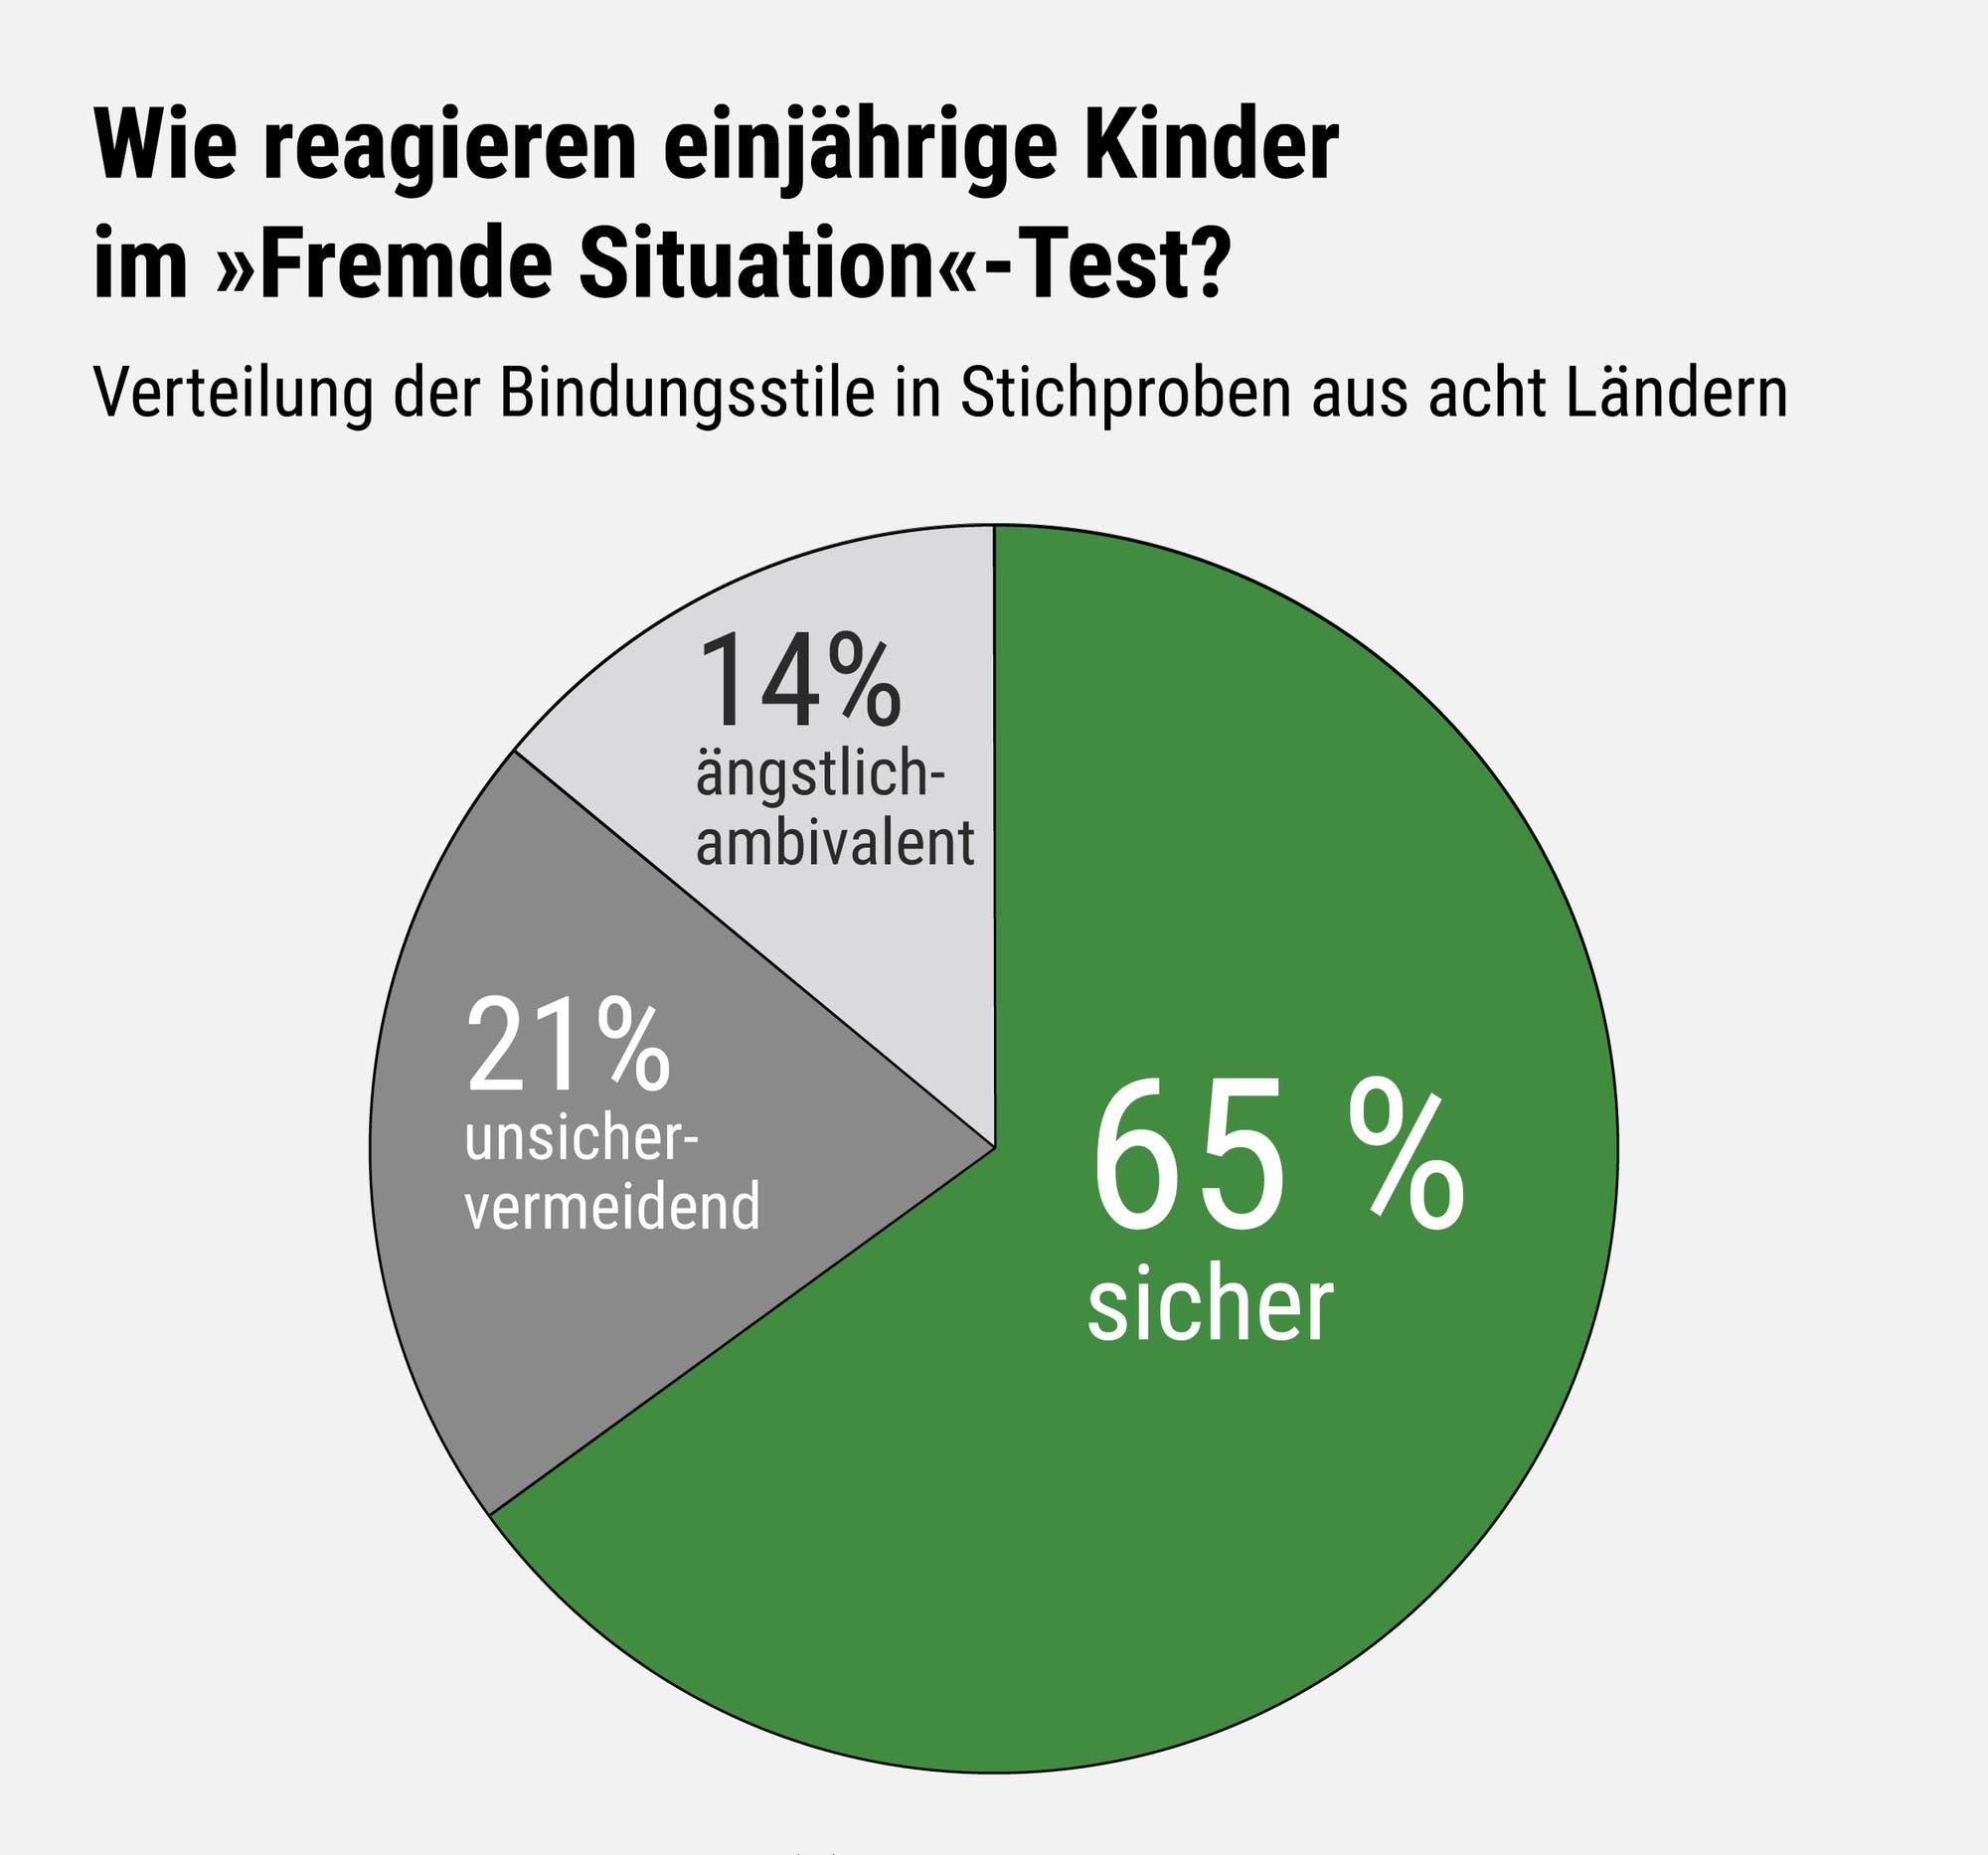 Kreisdiagramm mit der Verteilung der Bindungsstile: 65 Prozent sicher gebunden, 21 Prozent unsicher-vermeidend und 14 Prozent ängstlich-ambivalent.